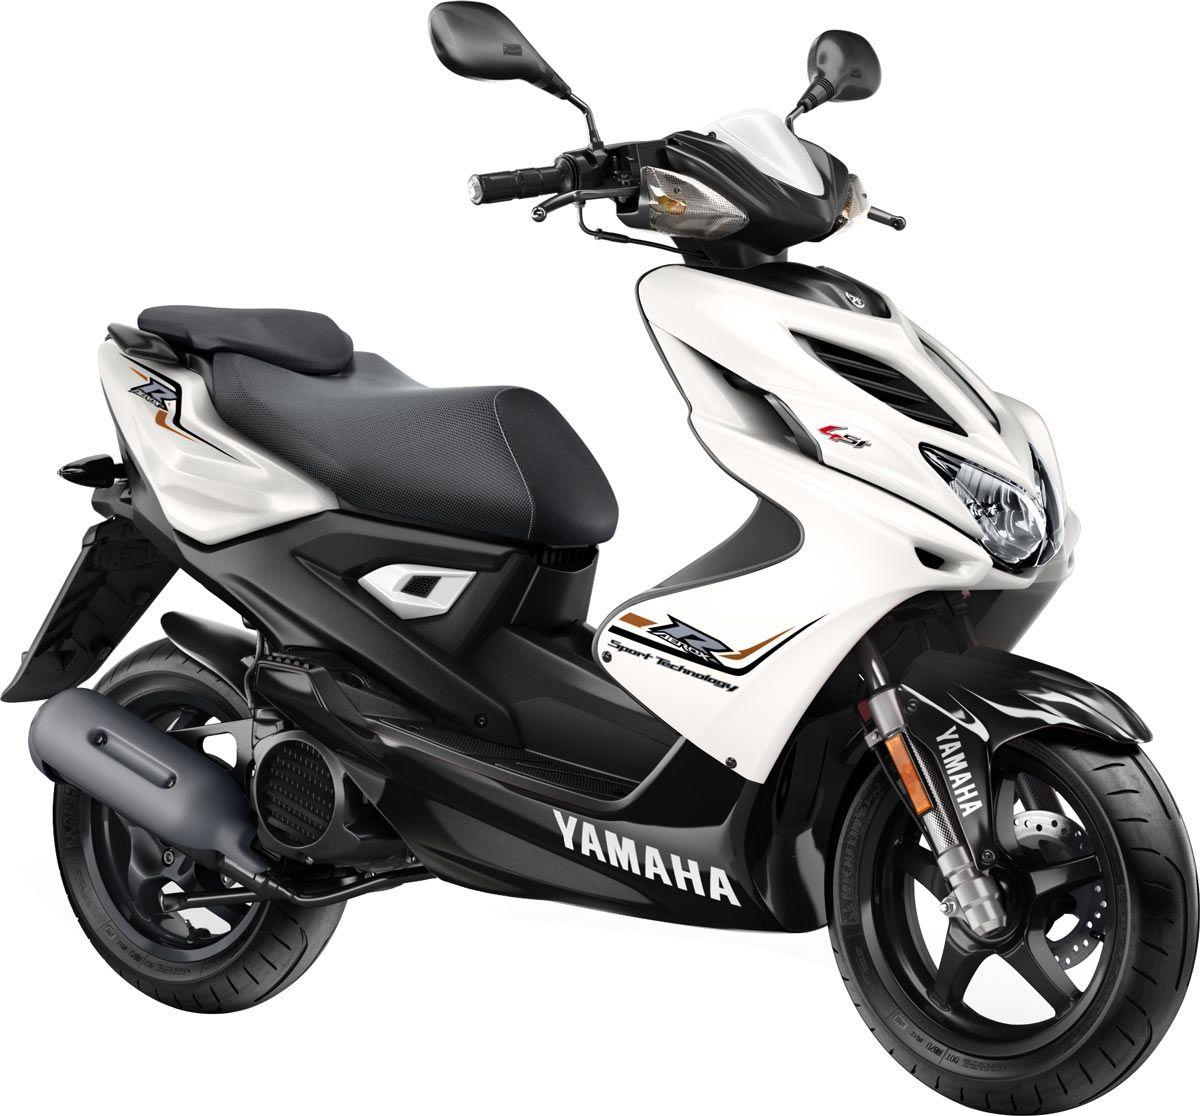 yamaha pr sentation des bw 39 s et aerox 2016 scooters and vespa. Black Bedroom Furniture Sets. Home Design Ideas